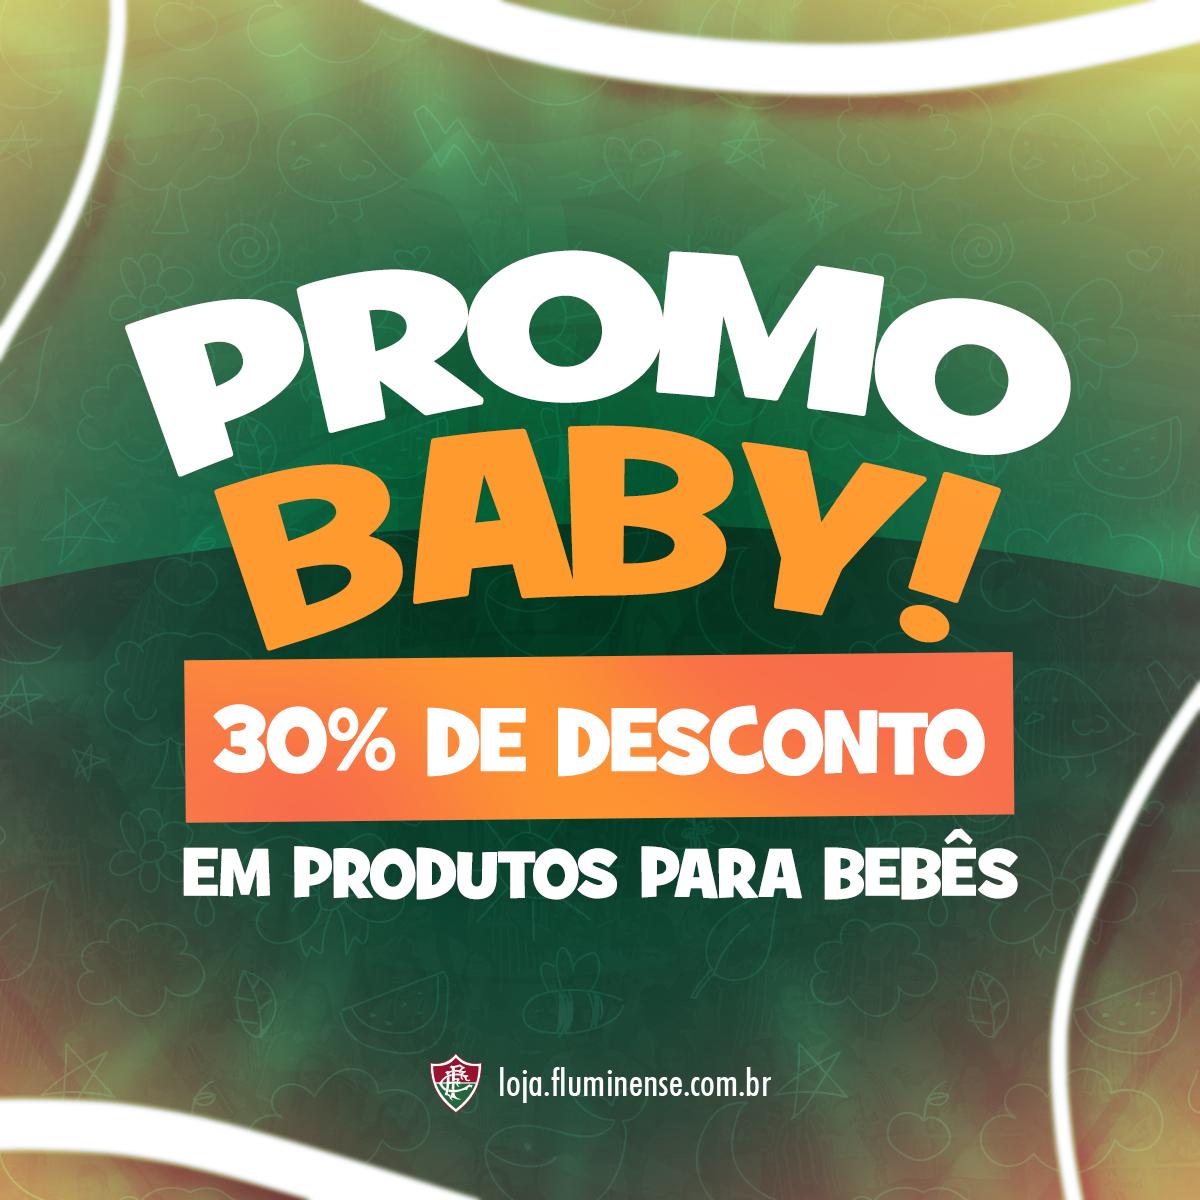 Baby Promo